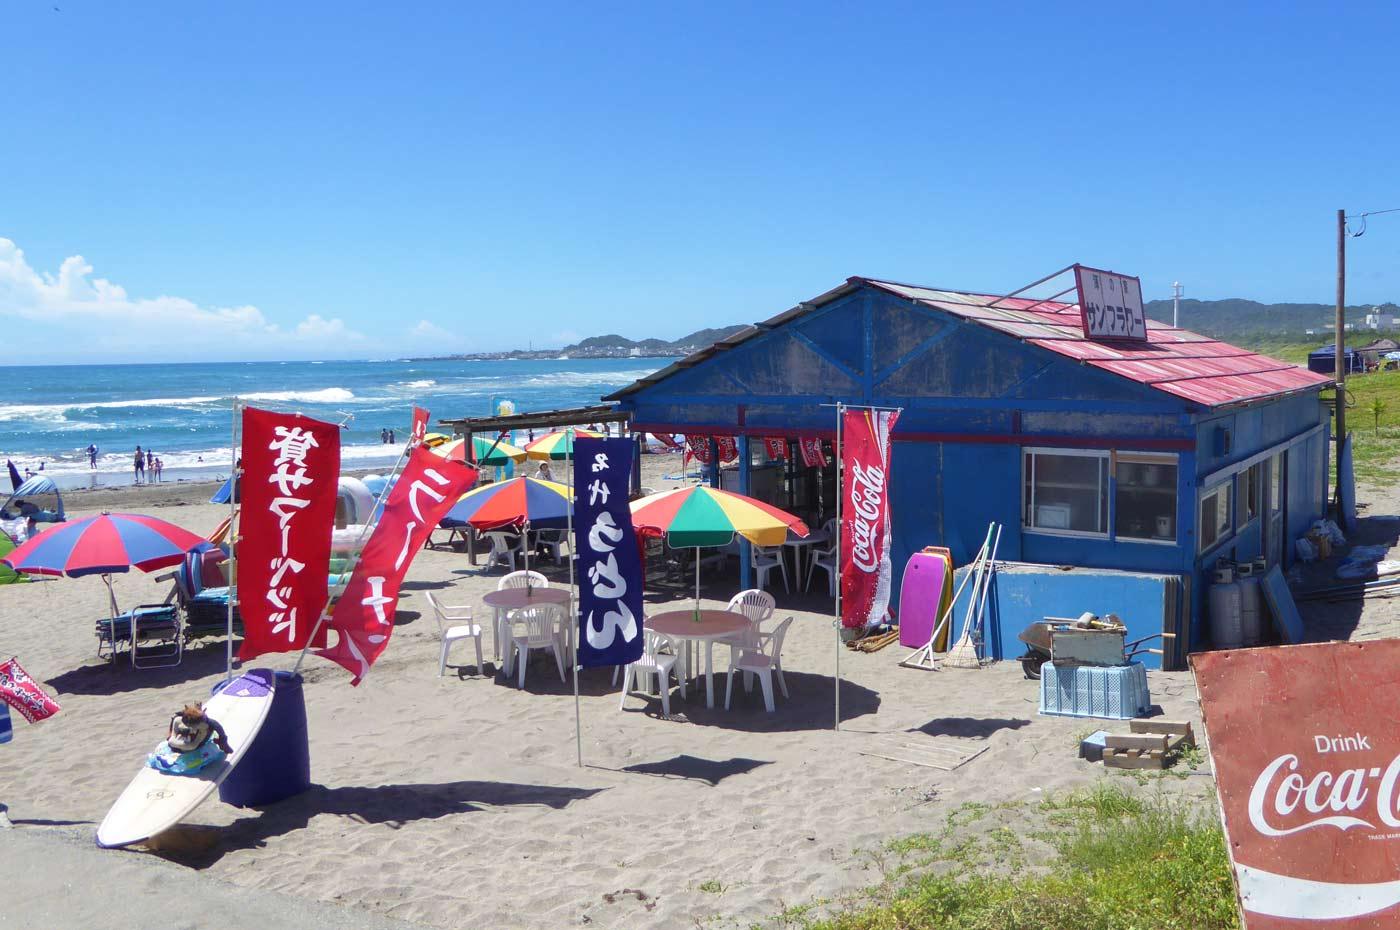 瀬戸浜海水浴場の海の家